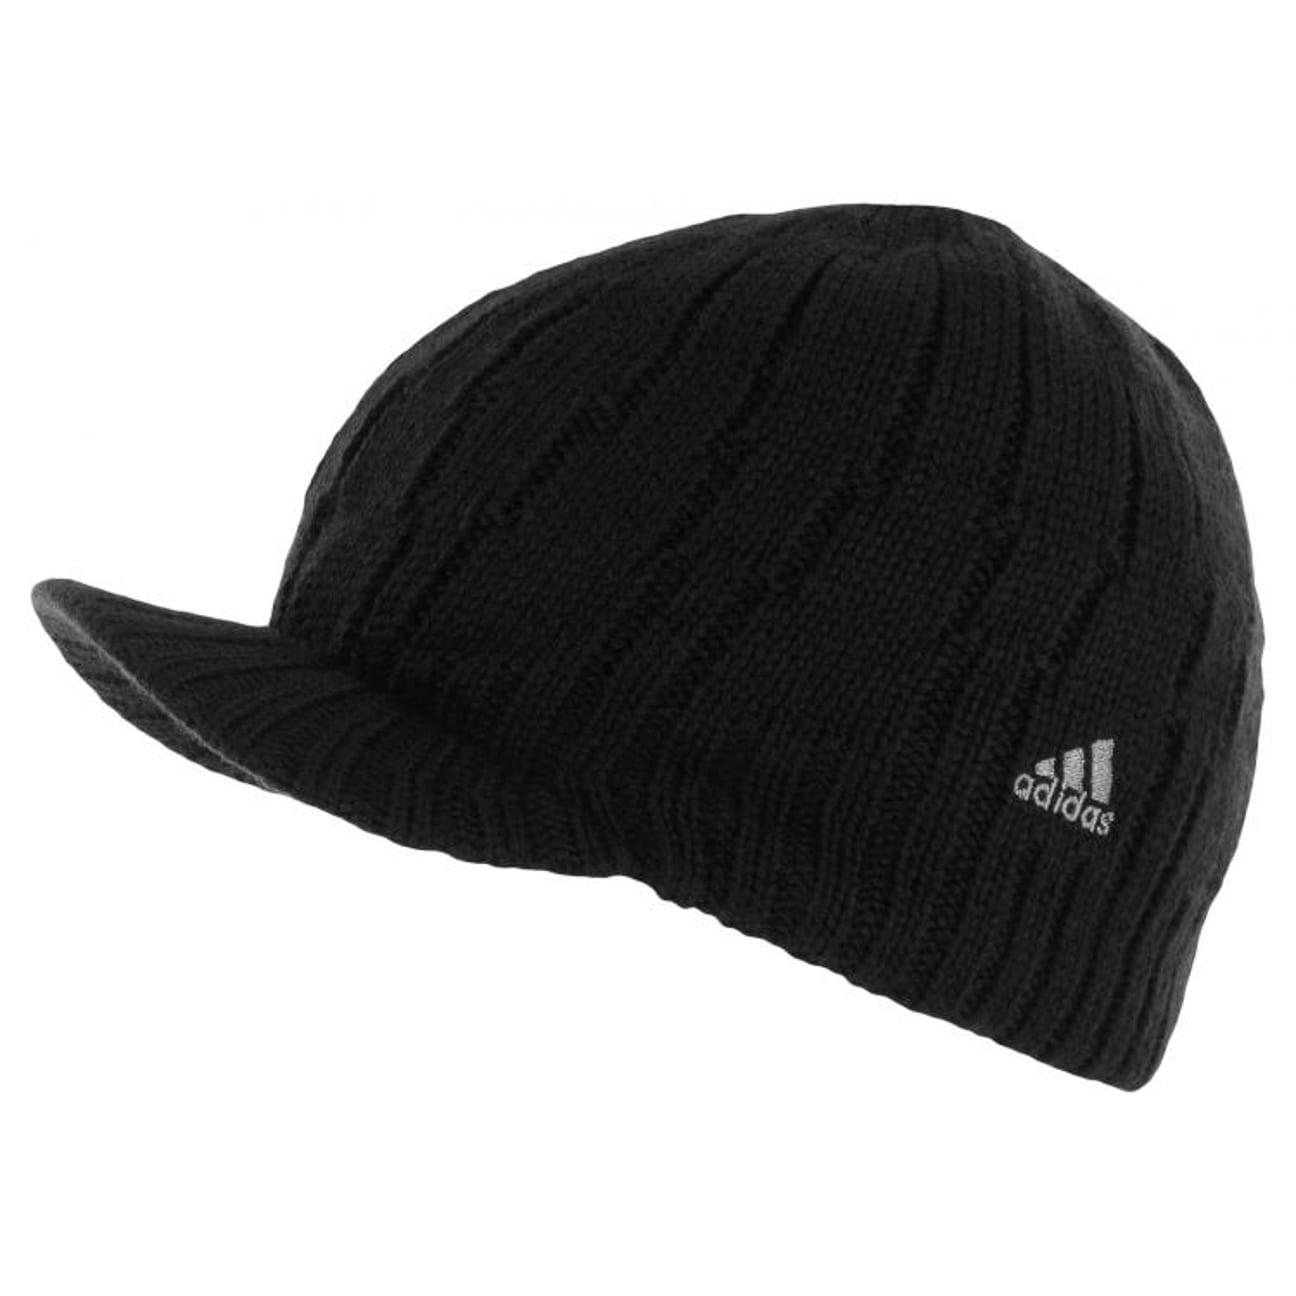 achat bonnet casquette adidas